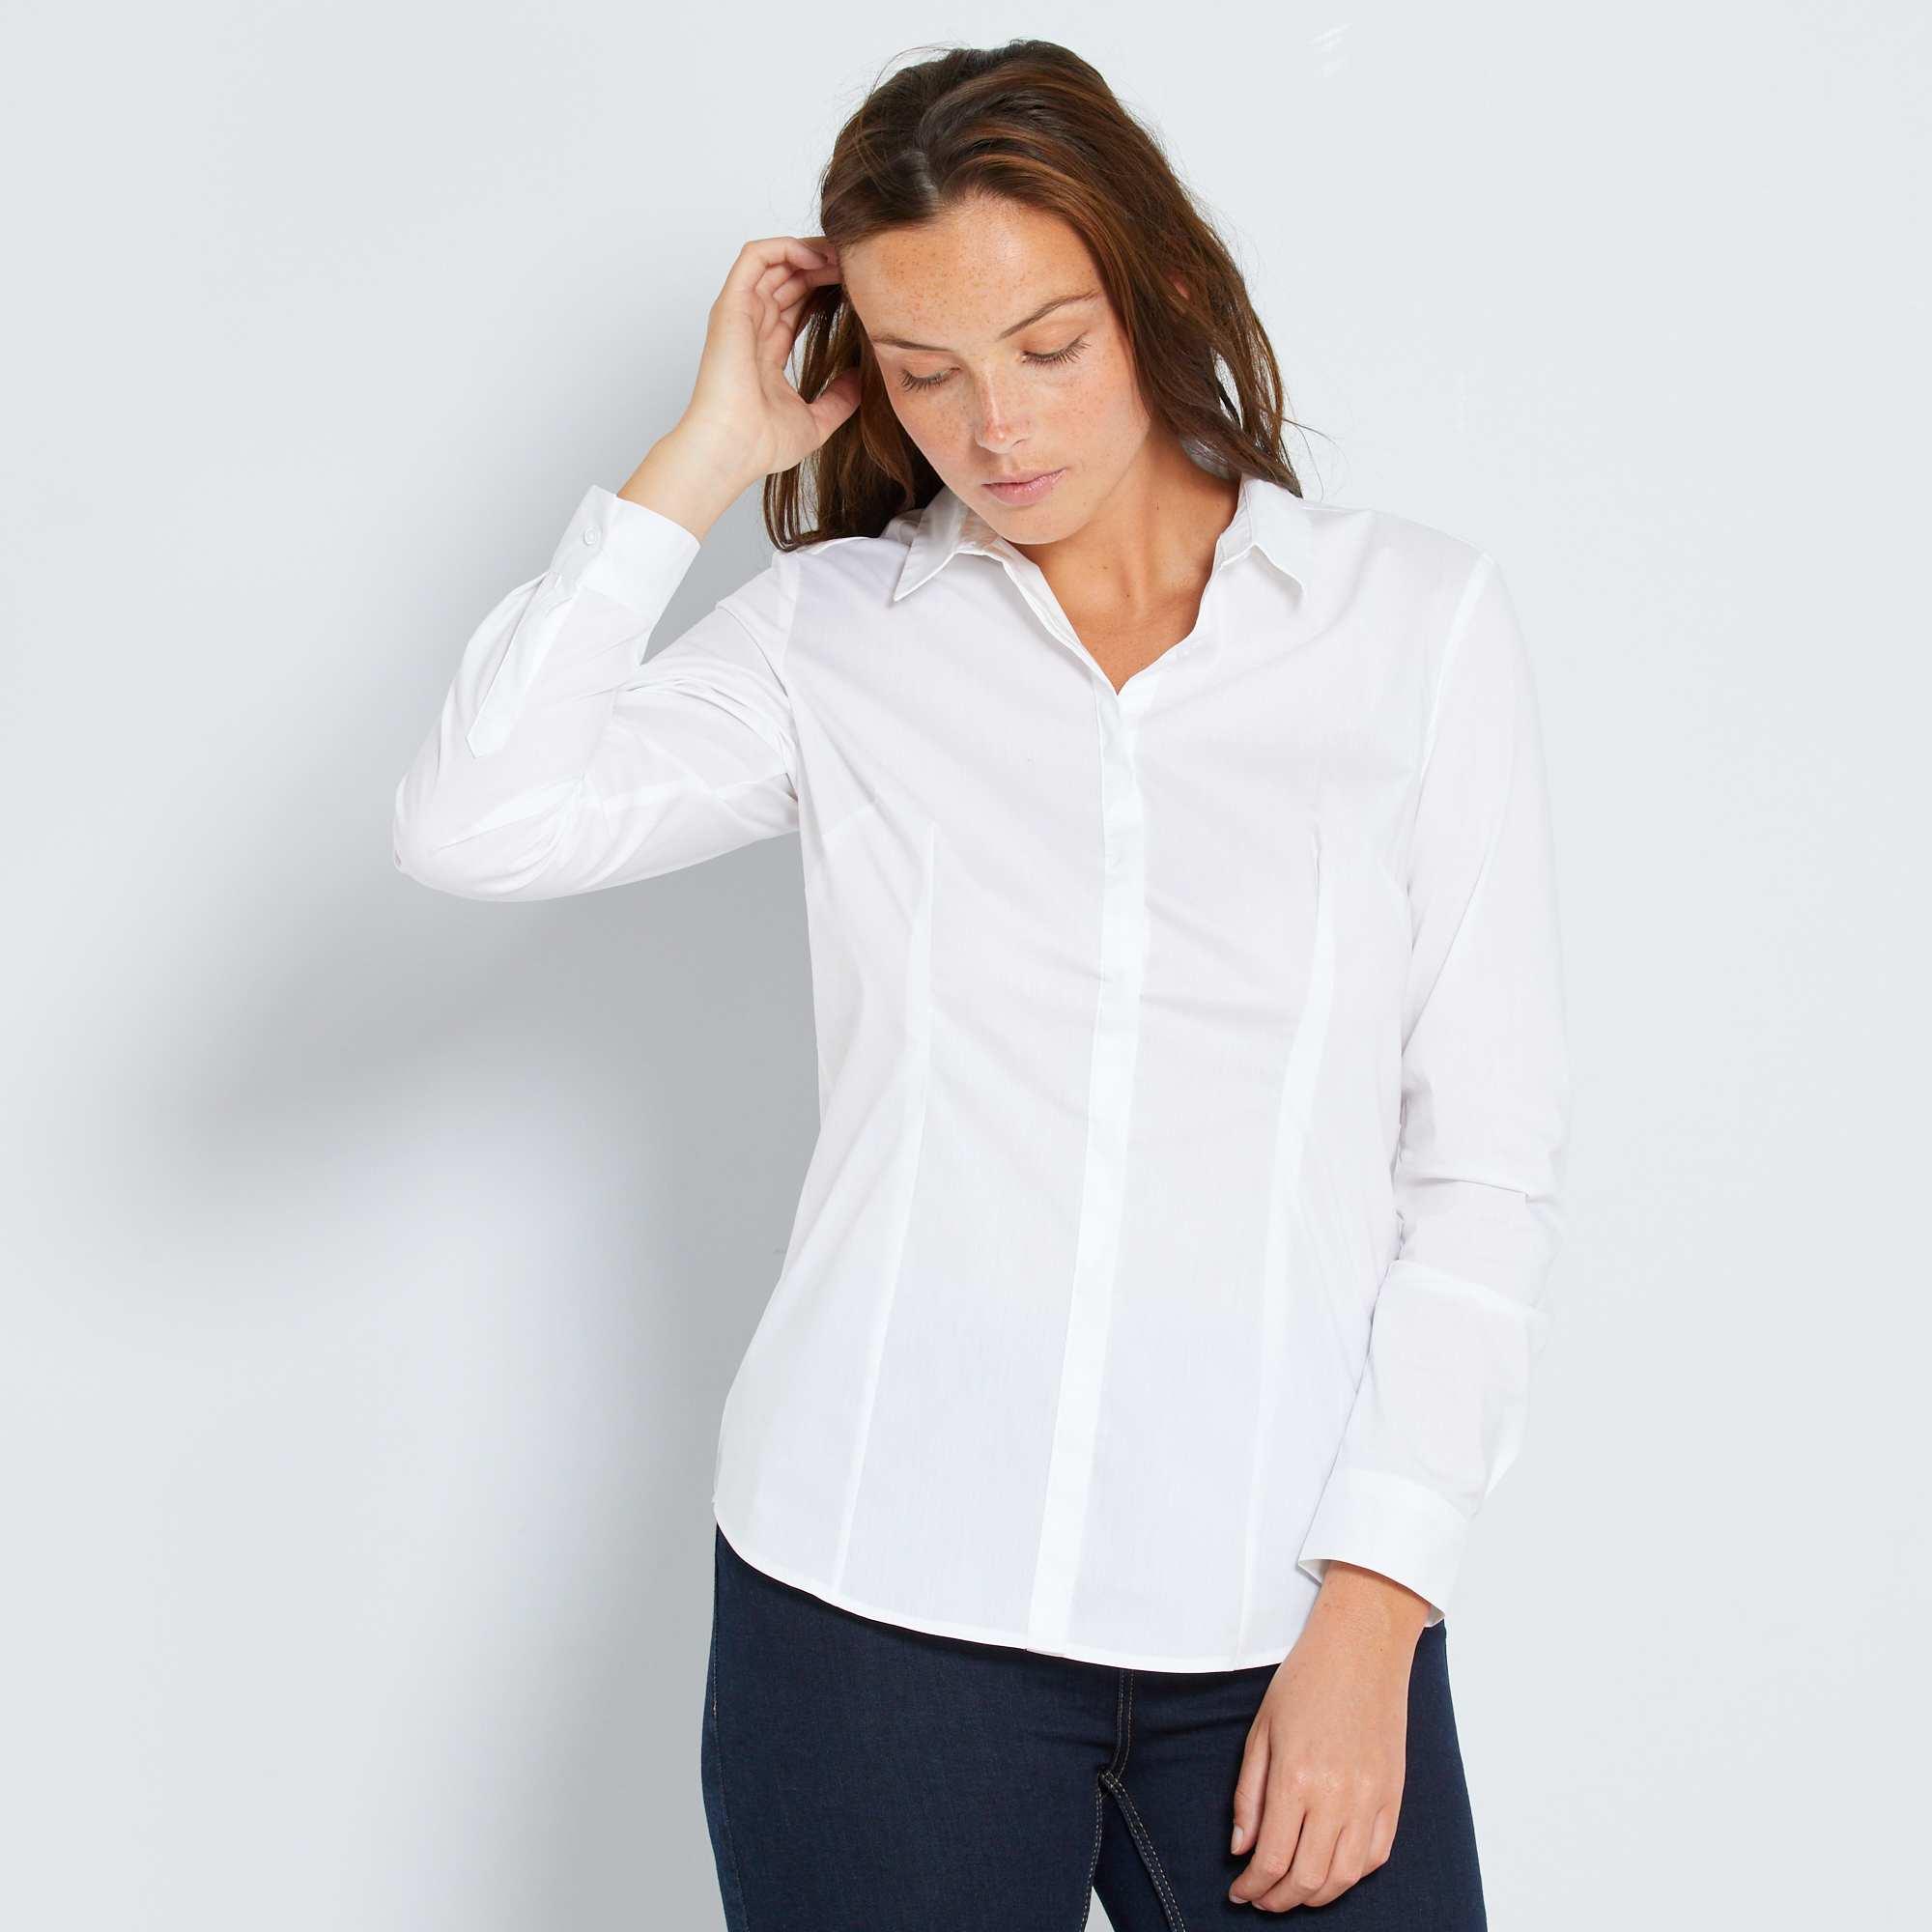 Camisa entallada elástica de popelina Mujer - blanco - Kiabi - 9,00€